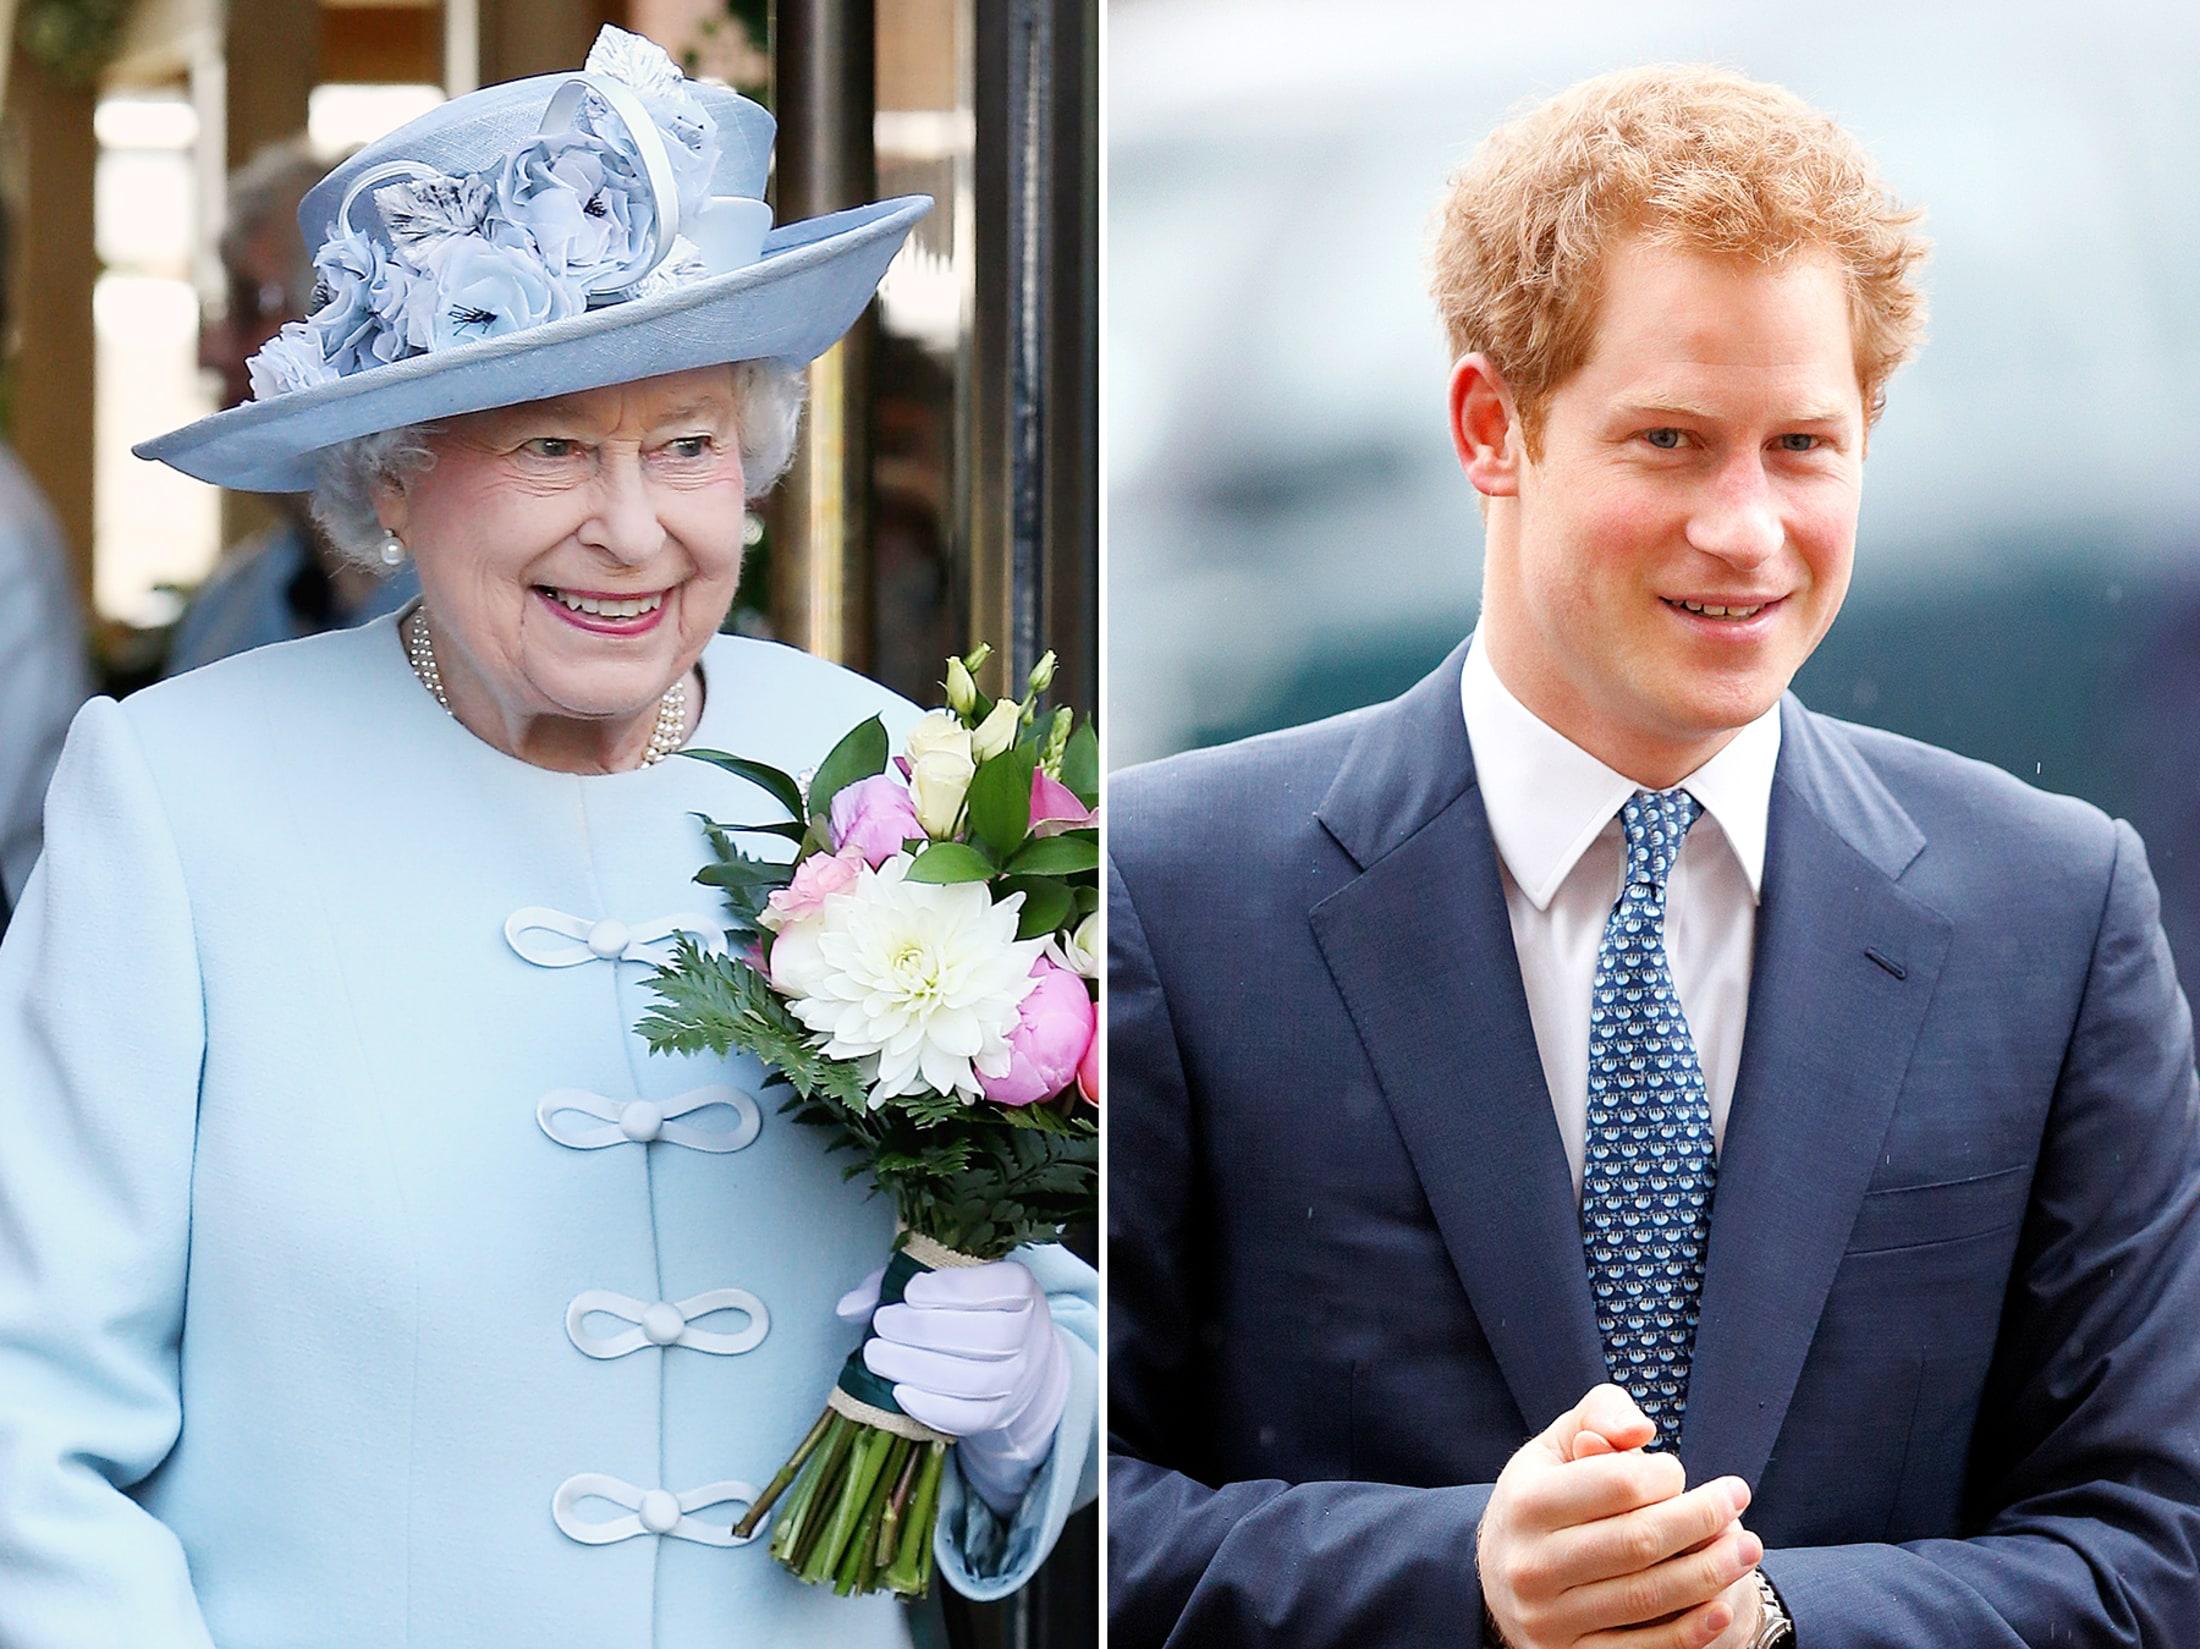 Принц Гарри собирается познакомить свою возлюбленную скоролевой